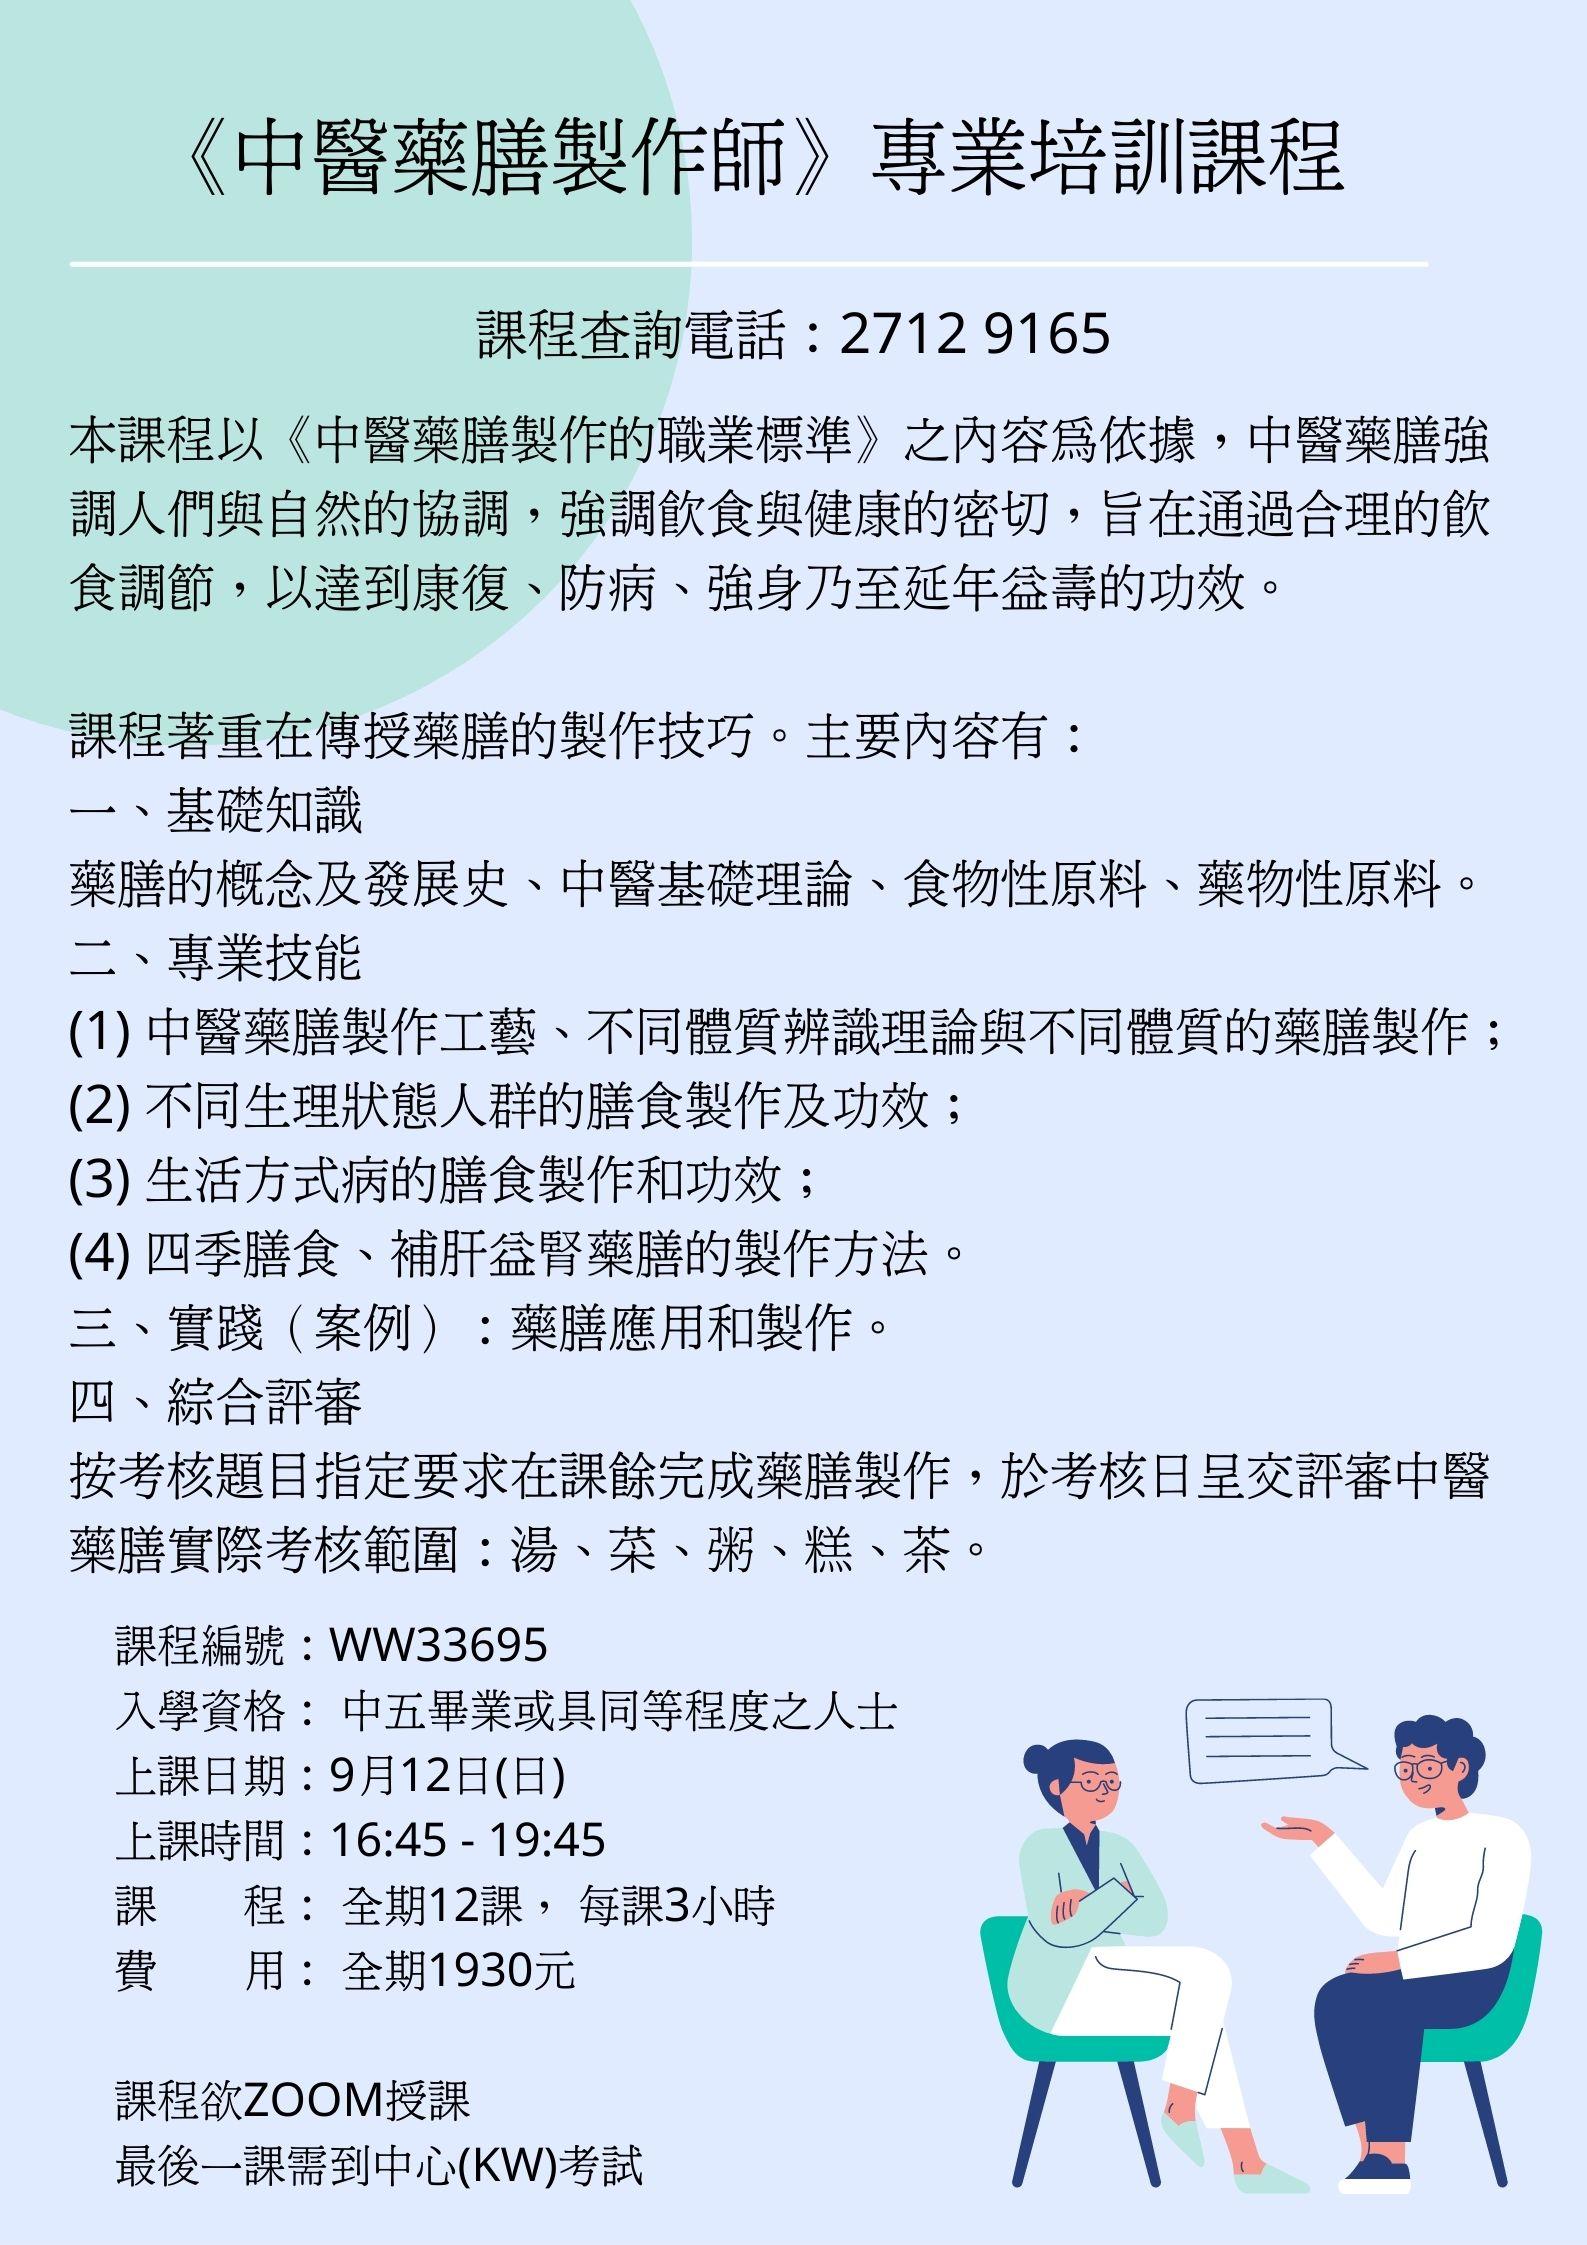 《中醫藥膳製作師》專業培訓課程